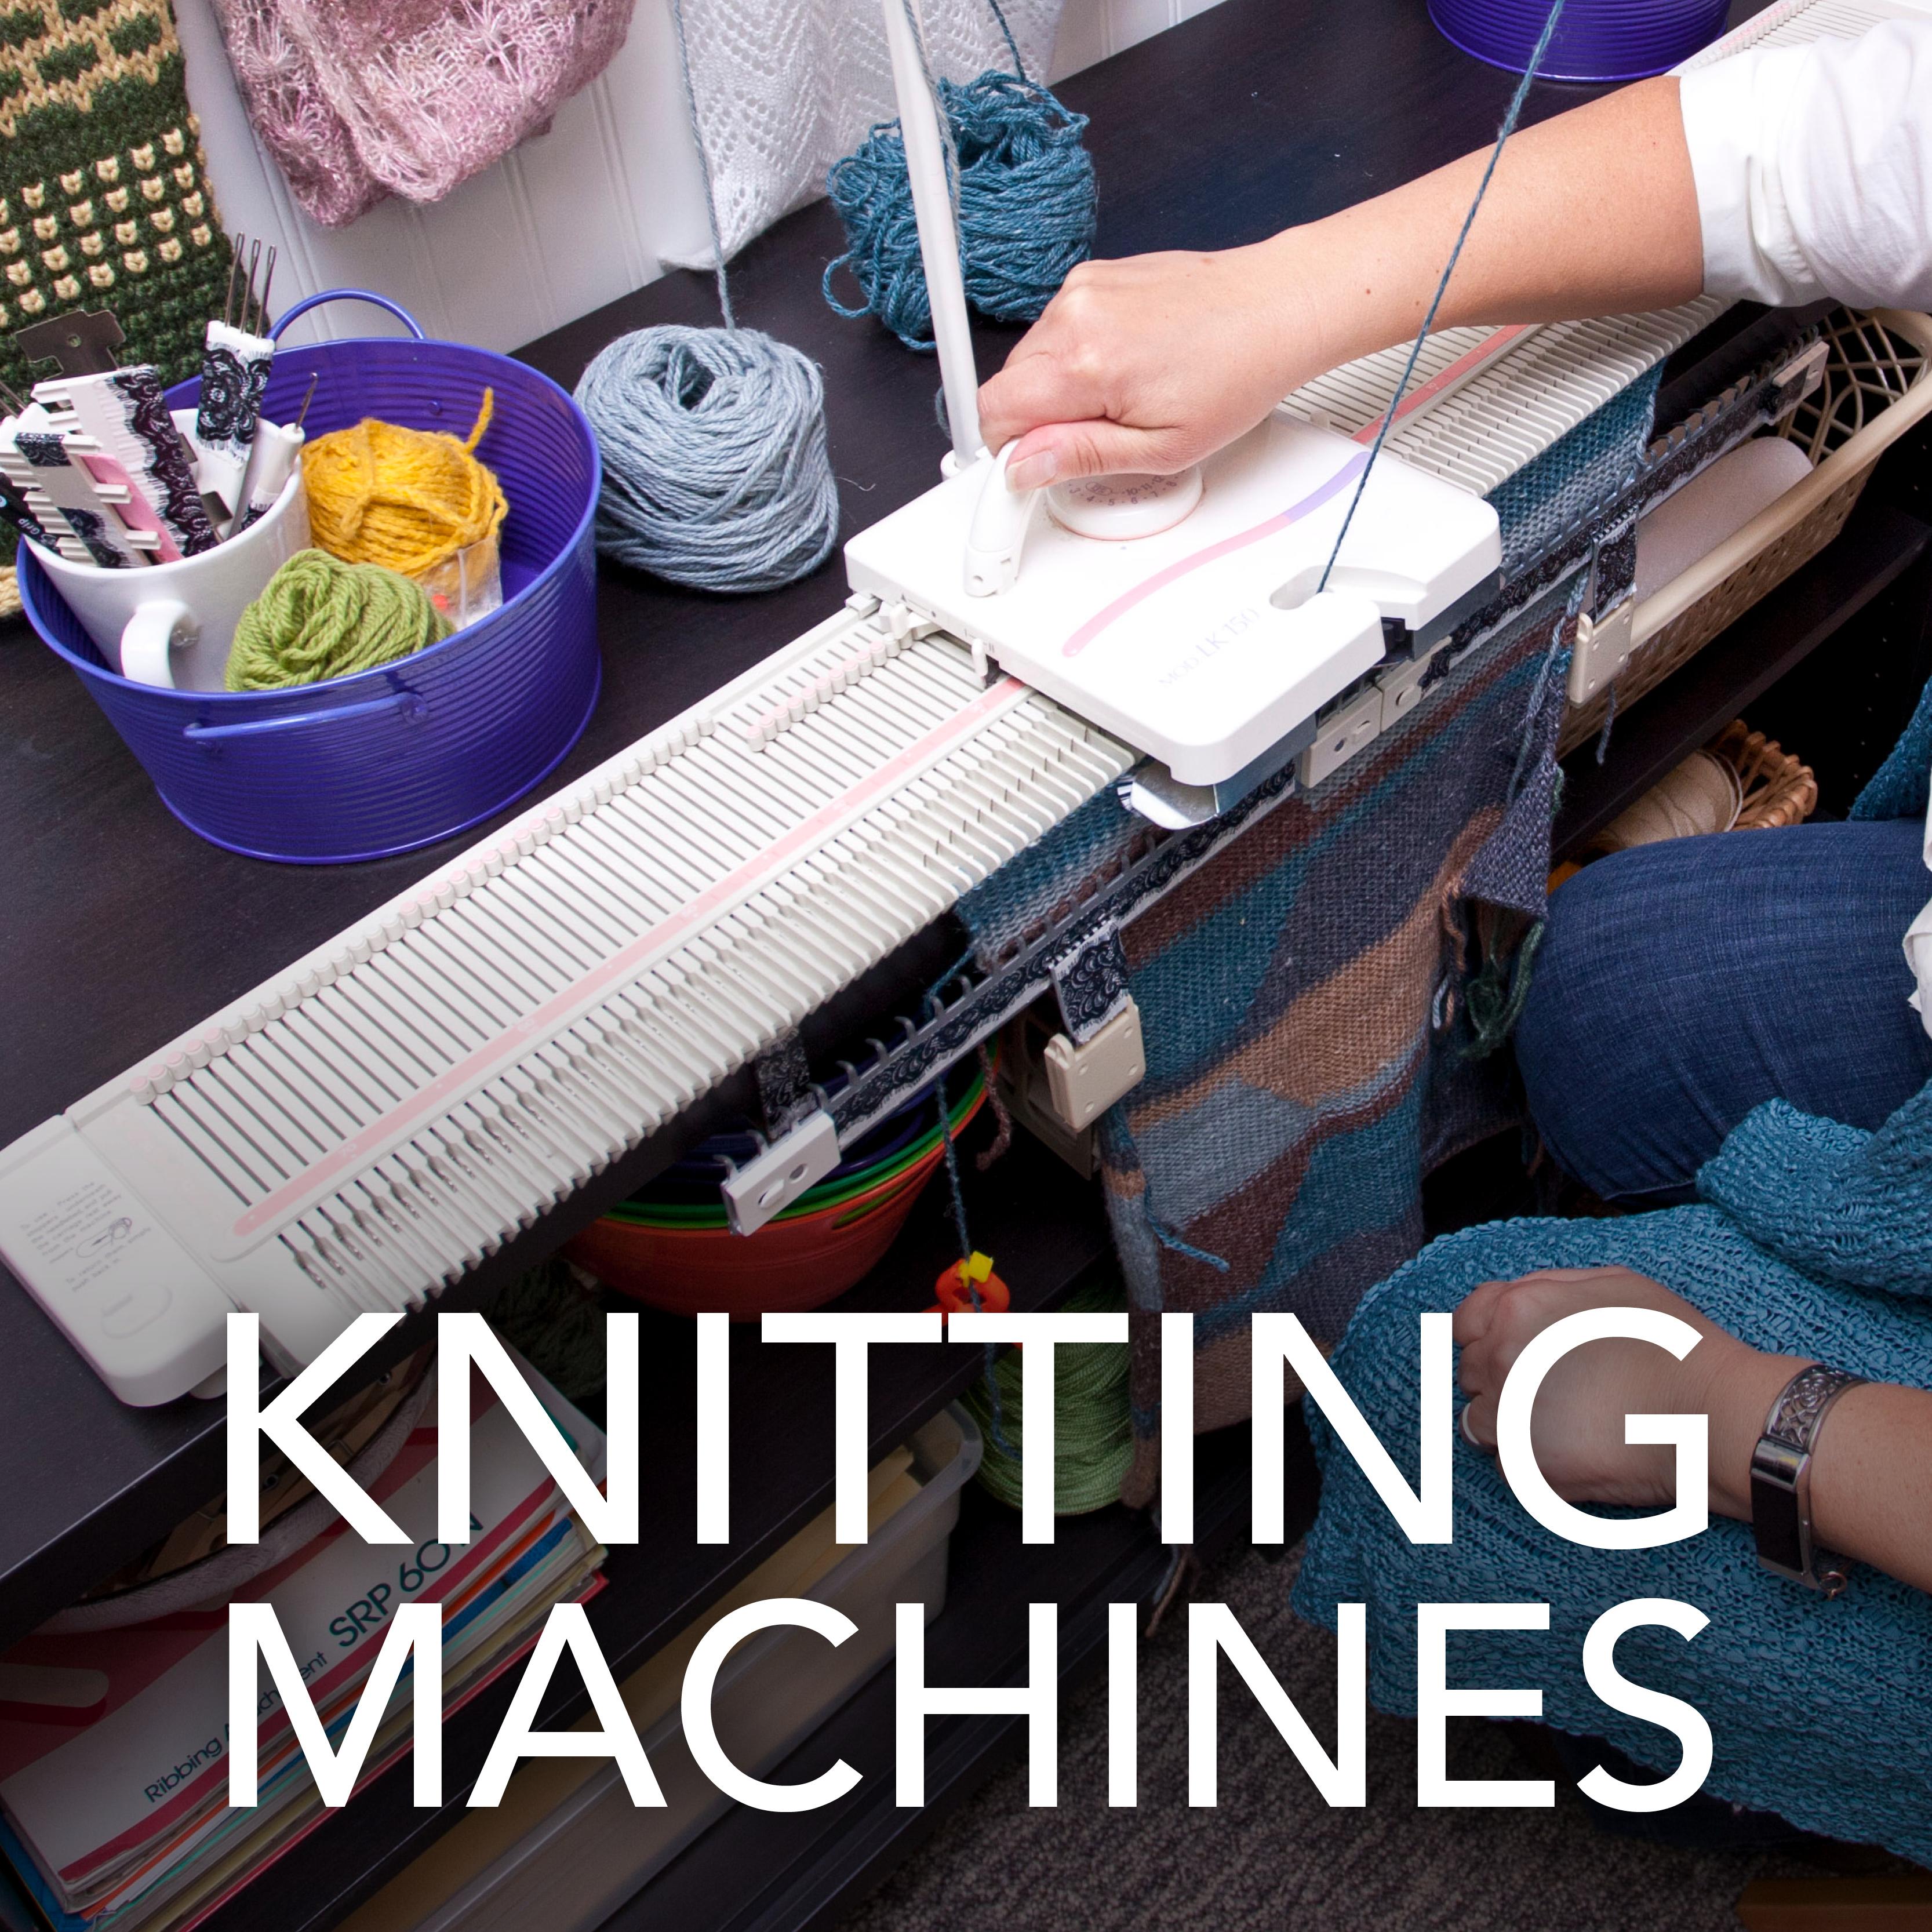 Knitting Machines